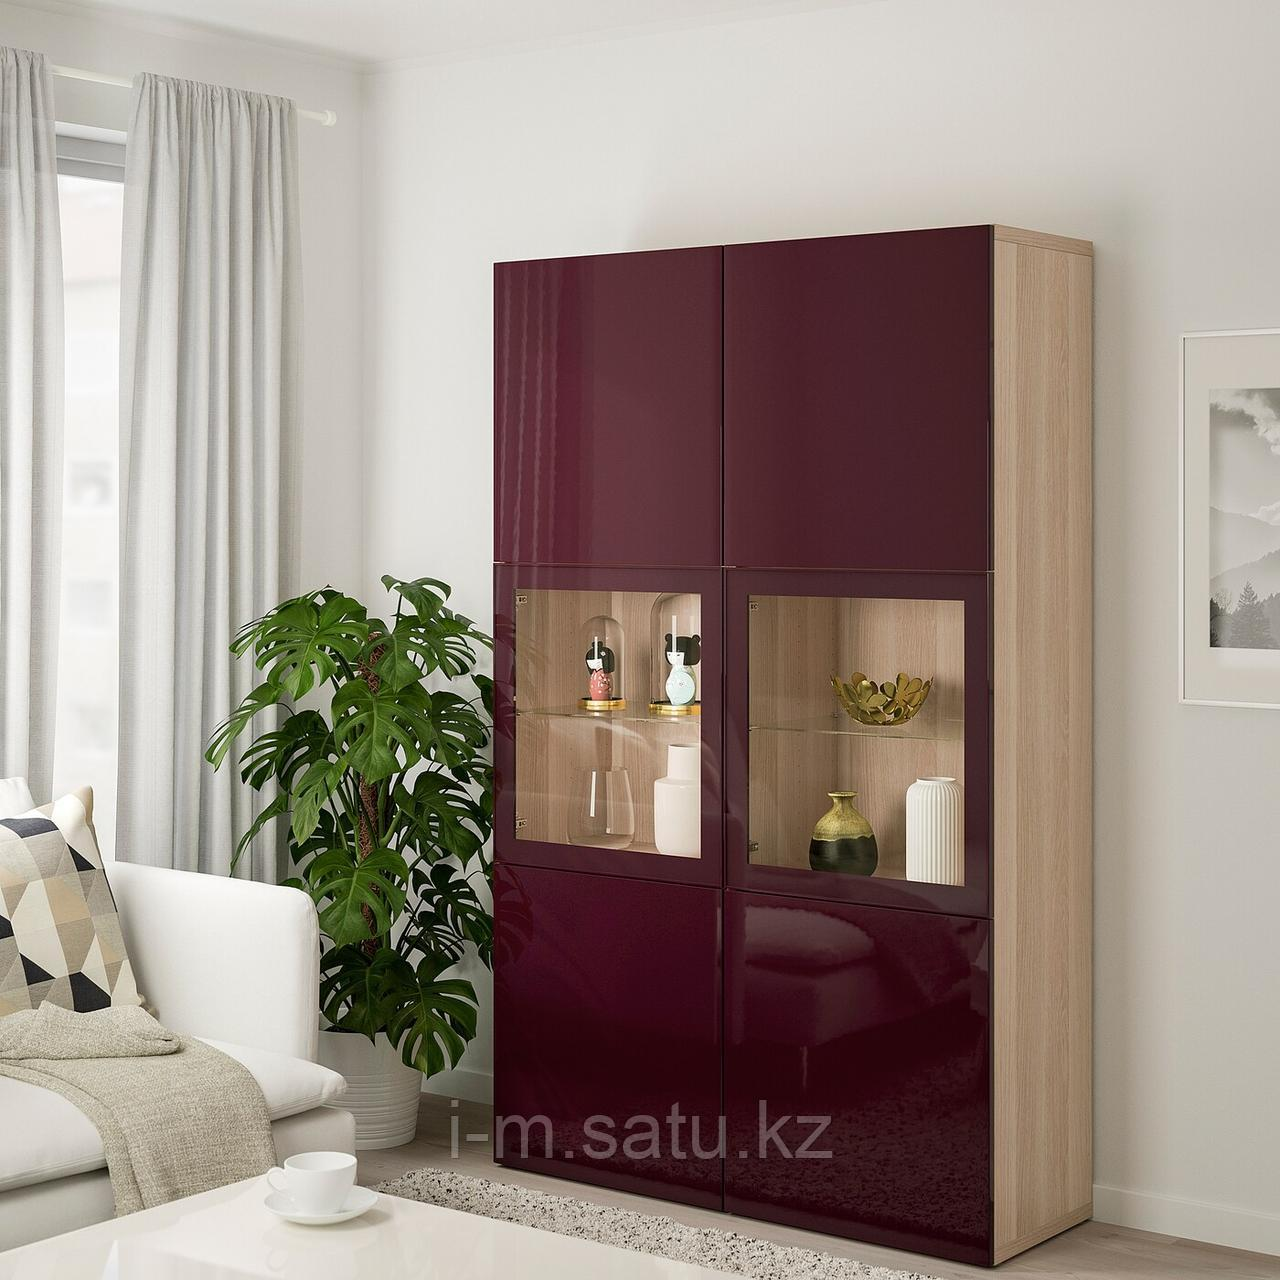 БЕСТО Комбинация д/хранения+стекл дверц, под беленый дуб Сельсвикен, темный красно-коричневый 120x42x192 см